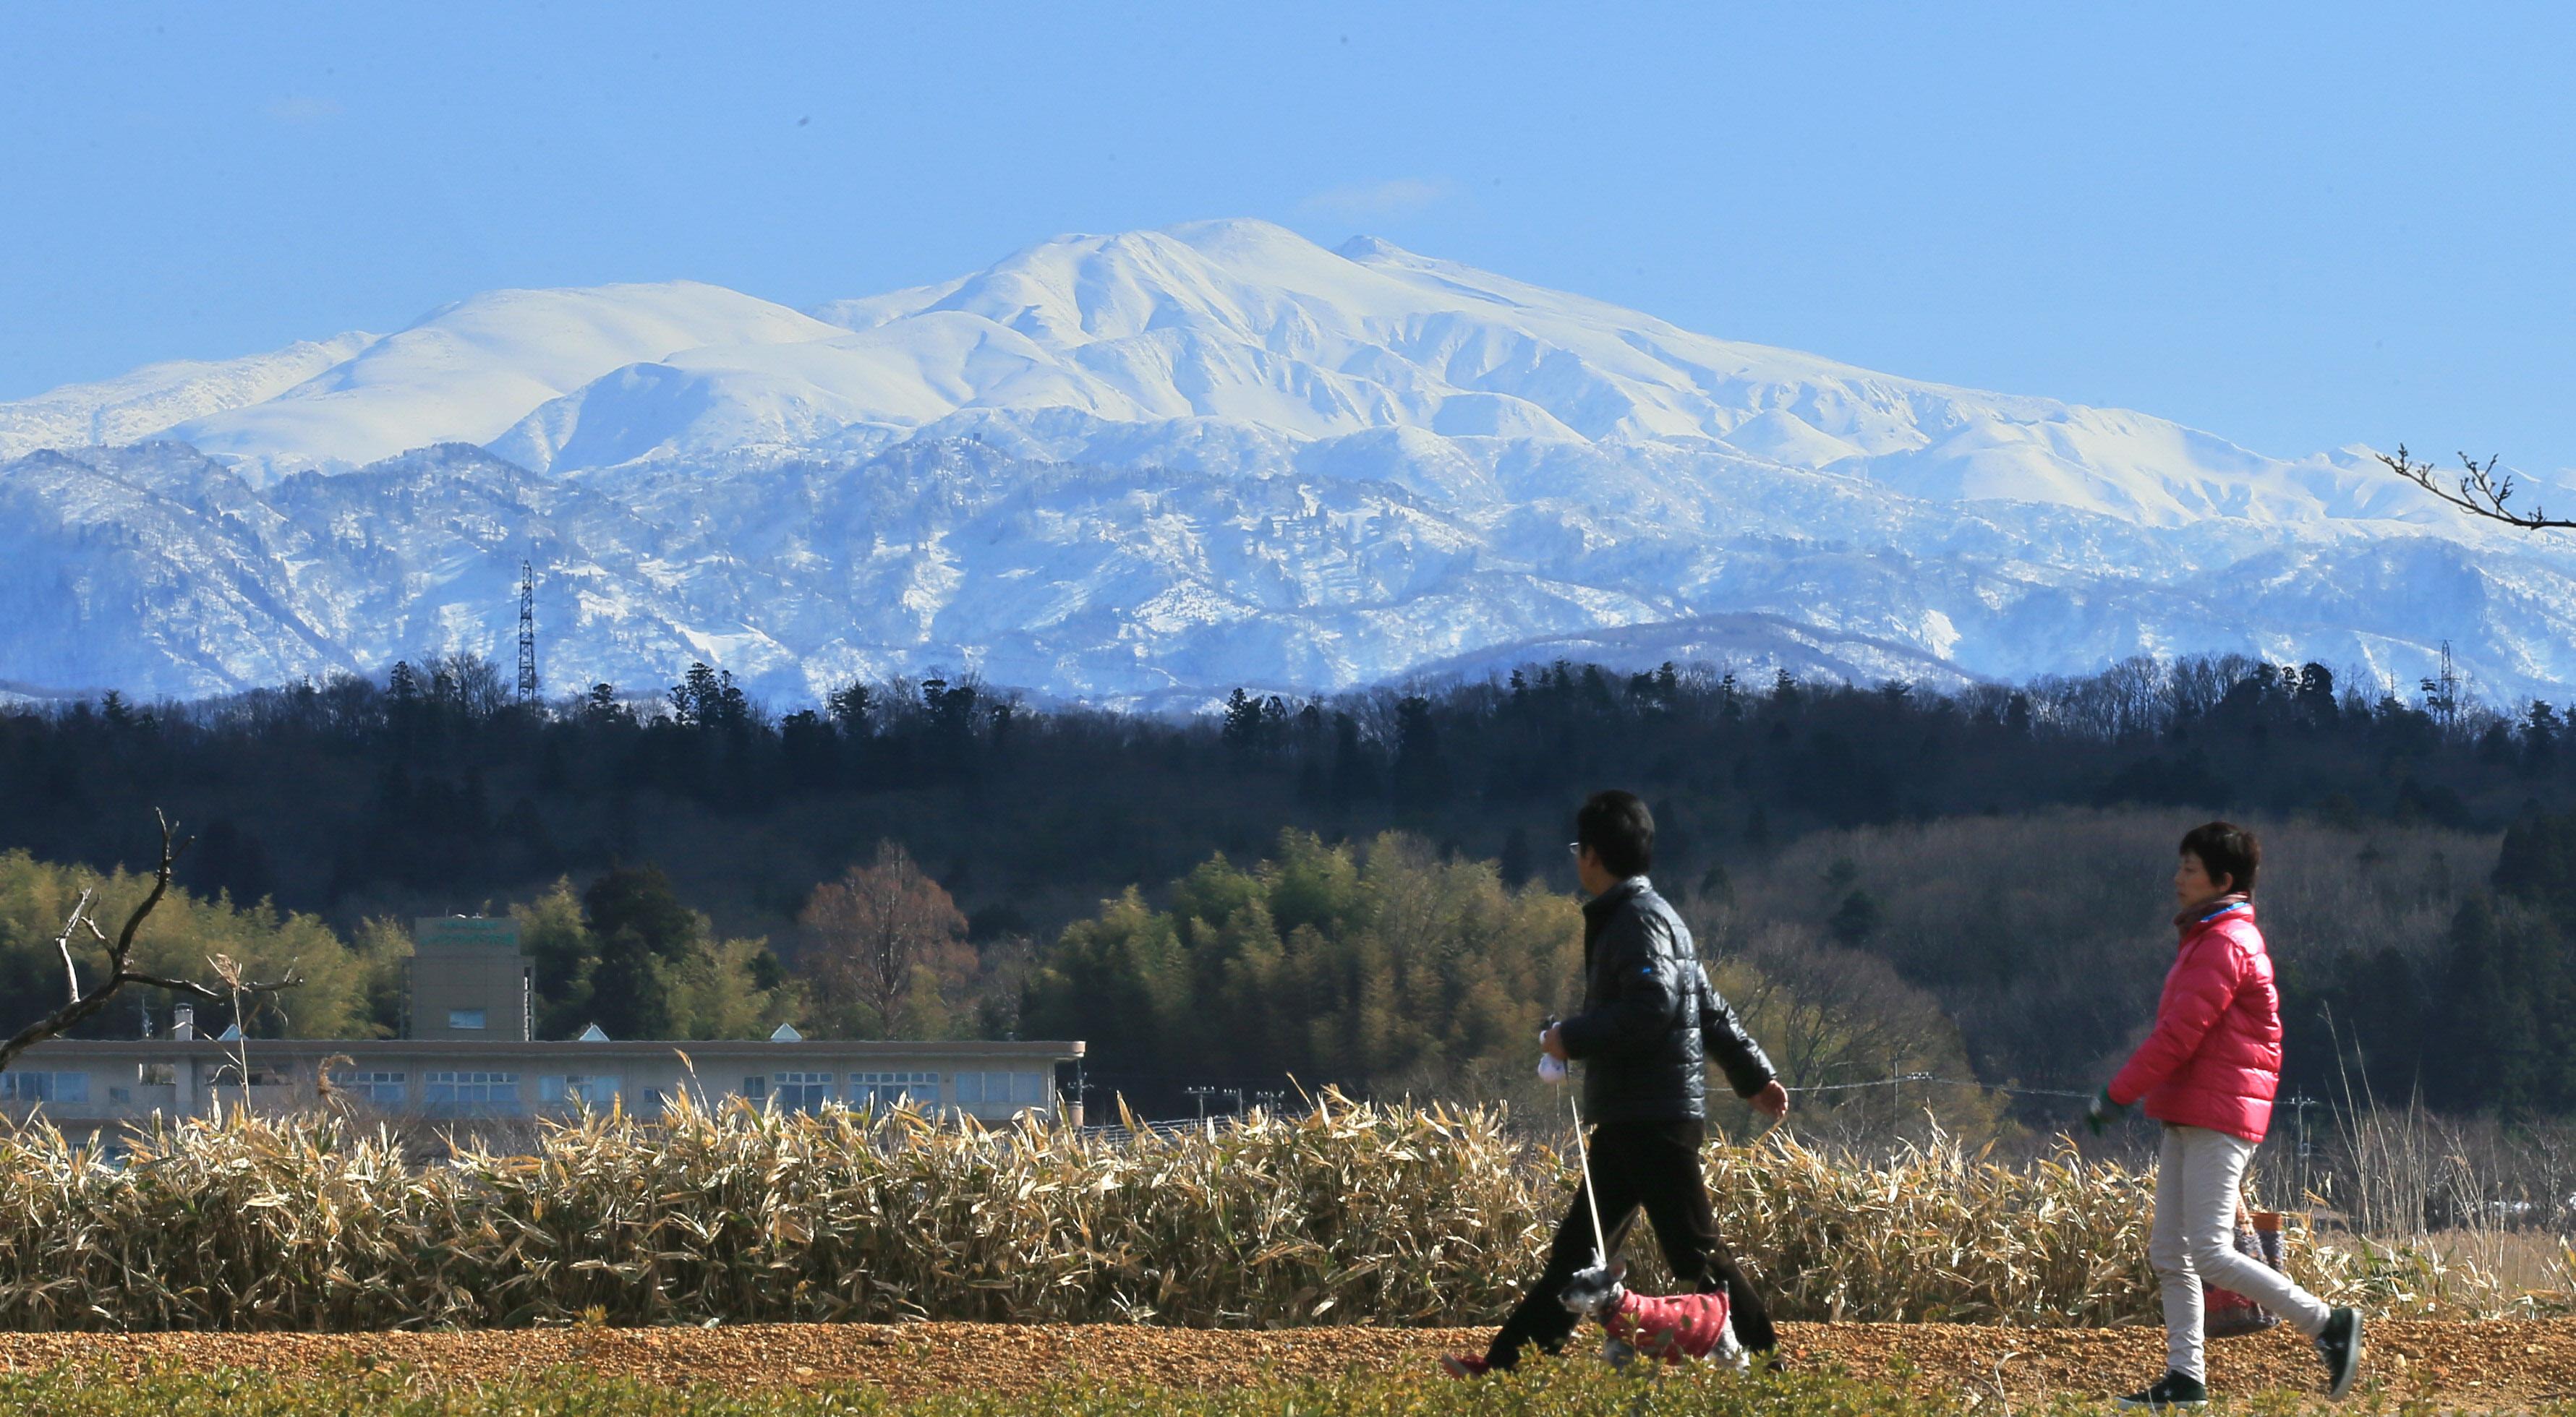 青空にくっきりと浮かび上がった白山=小松市の木場潟公園